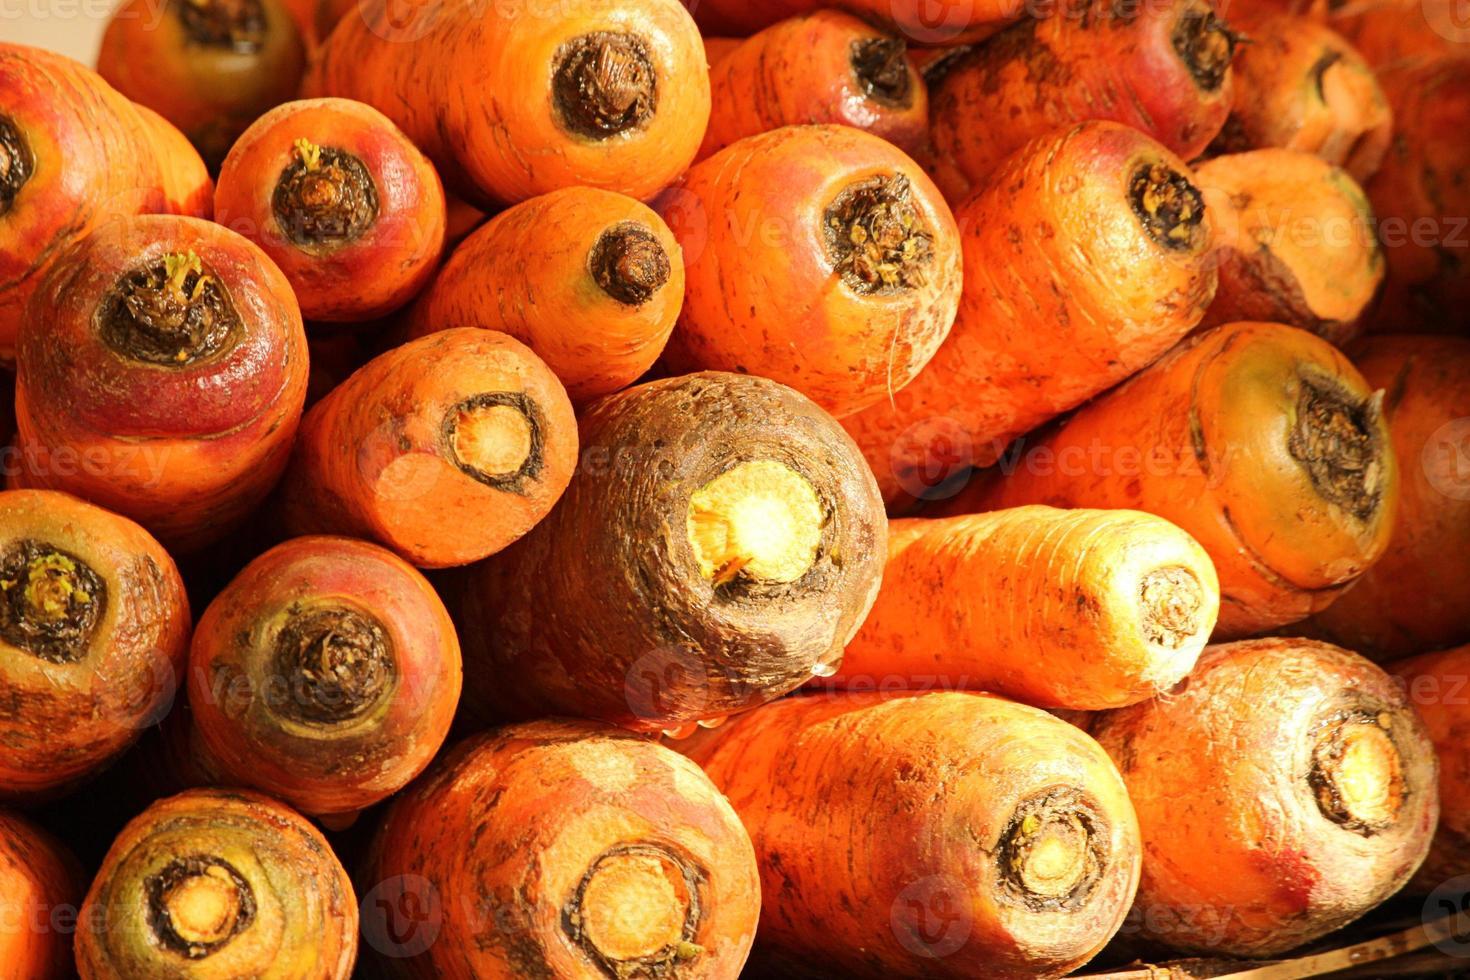 carottes fraîches au marché photo